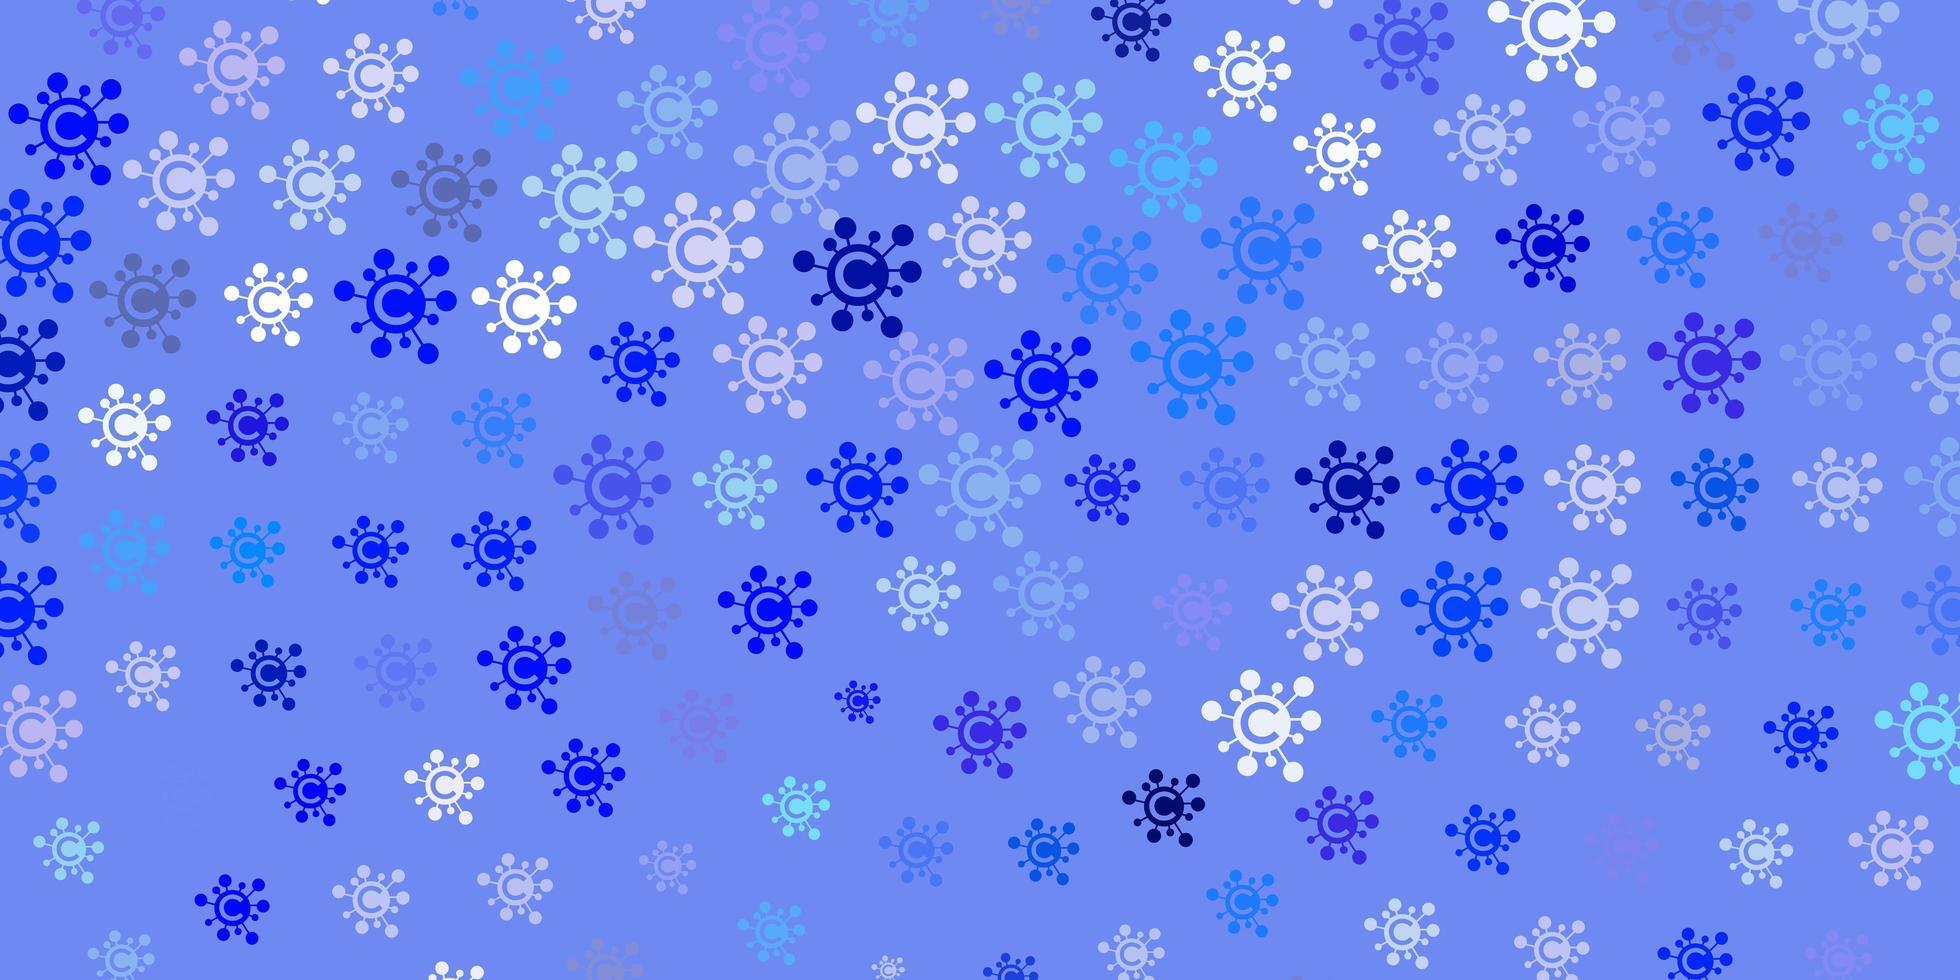 lichtblauwe vectortextuur met ziektesymbolen. vector